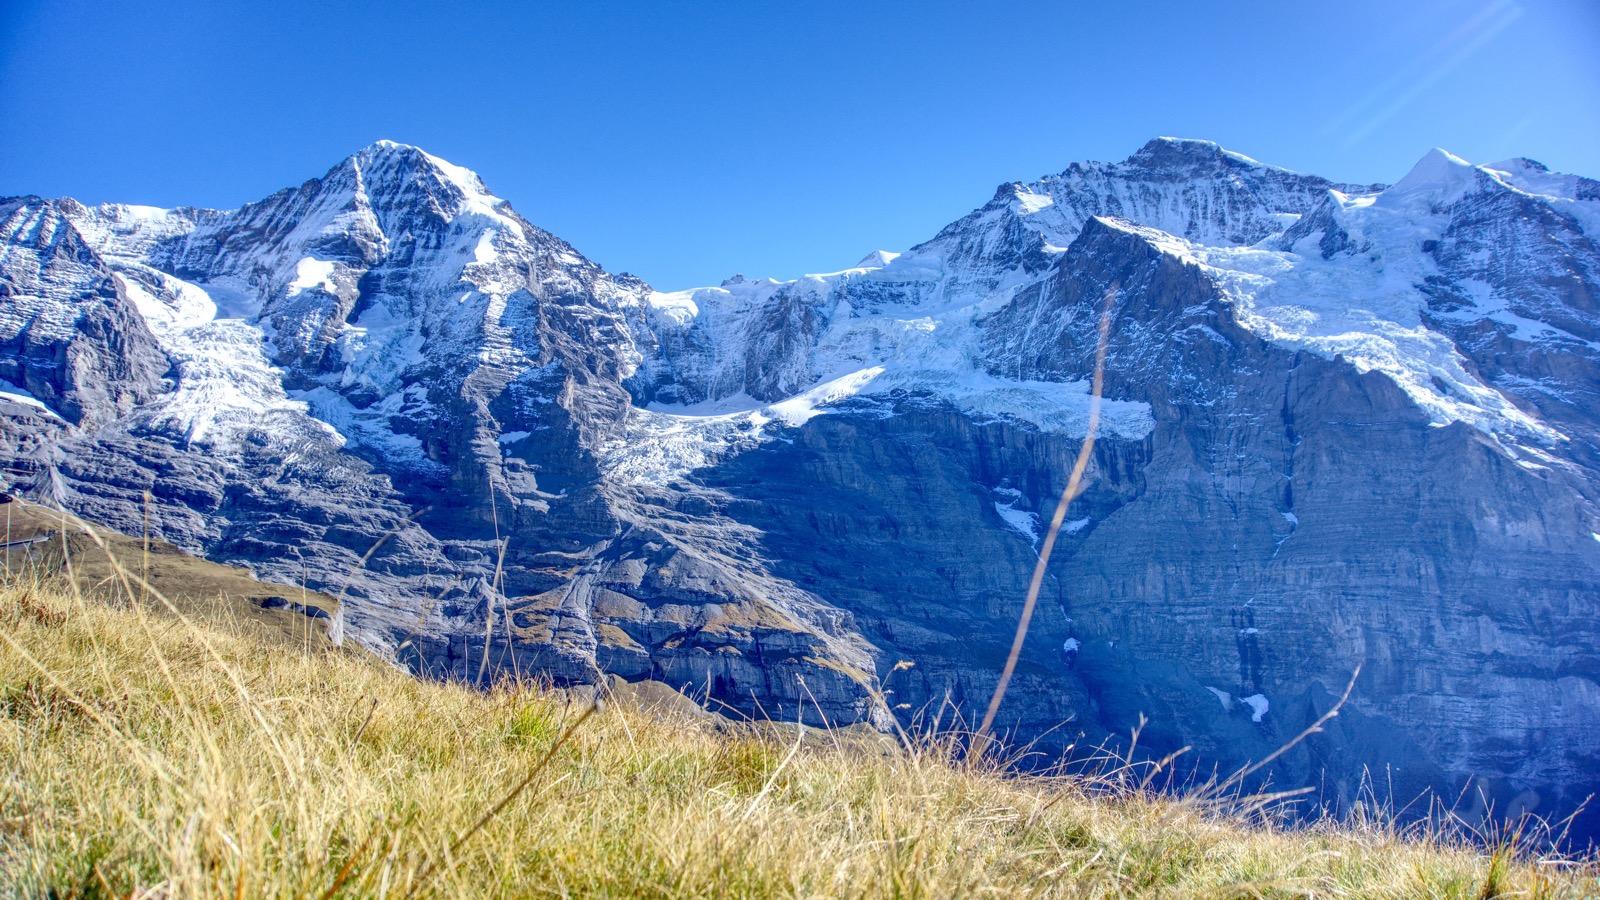 Blick auf das Jungfraujoch mit seiner Bahnstation.